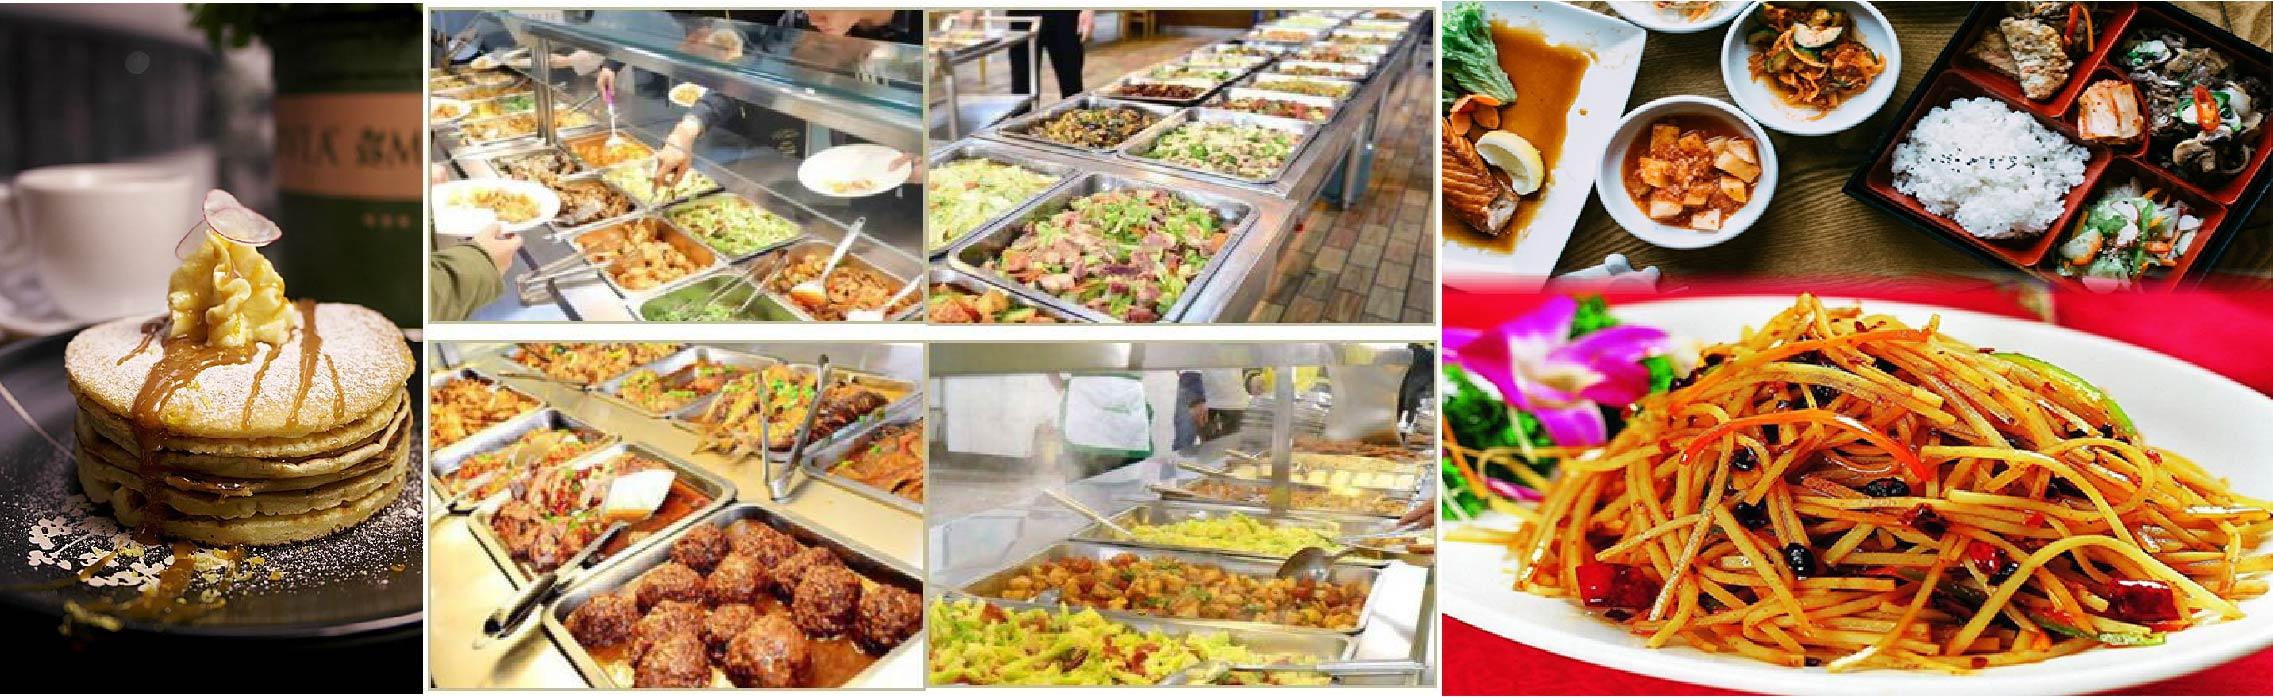 团餐食堂服务加入食堂管理系统